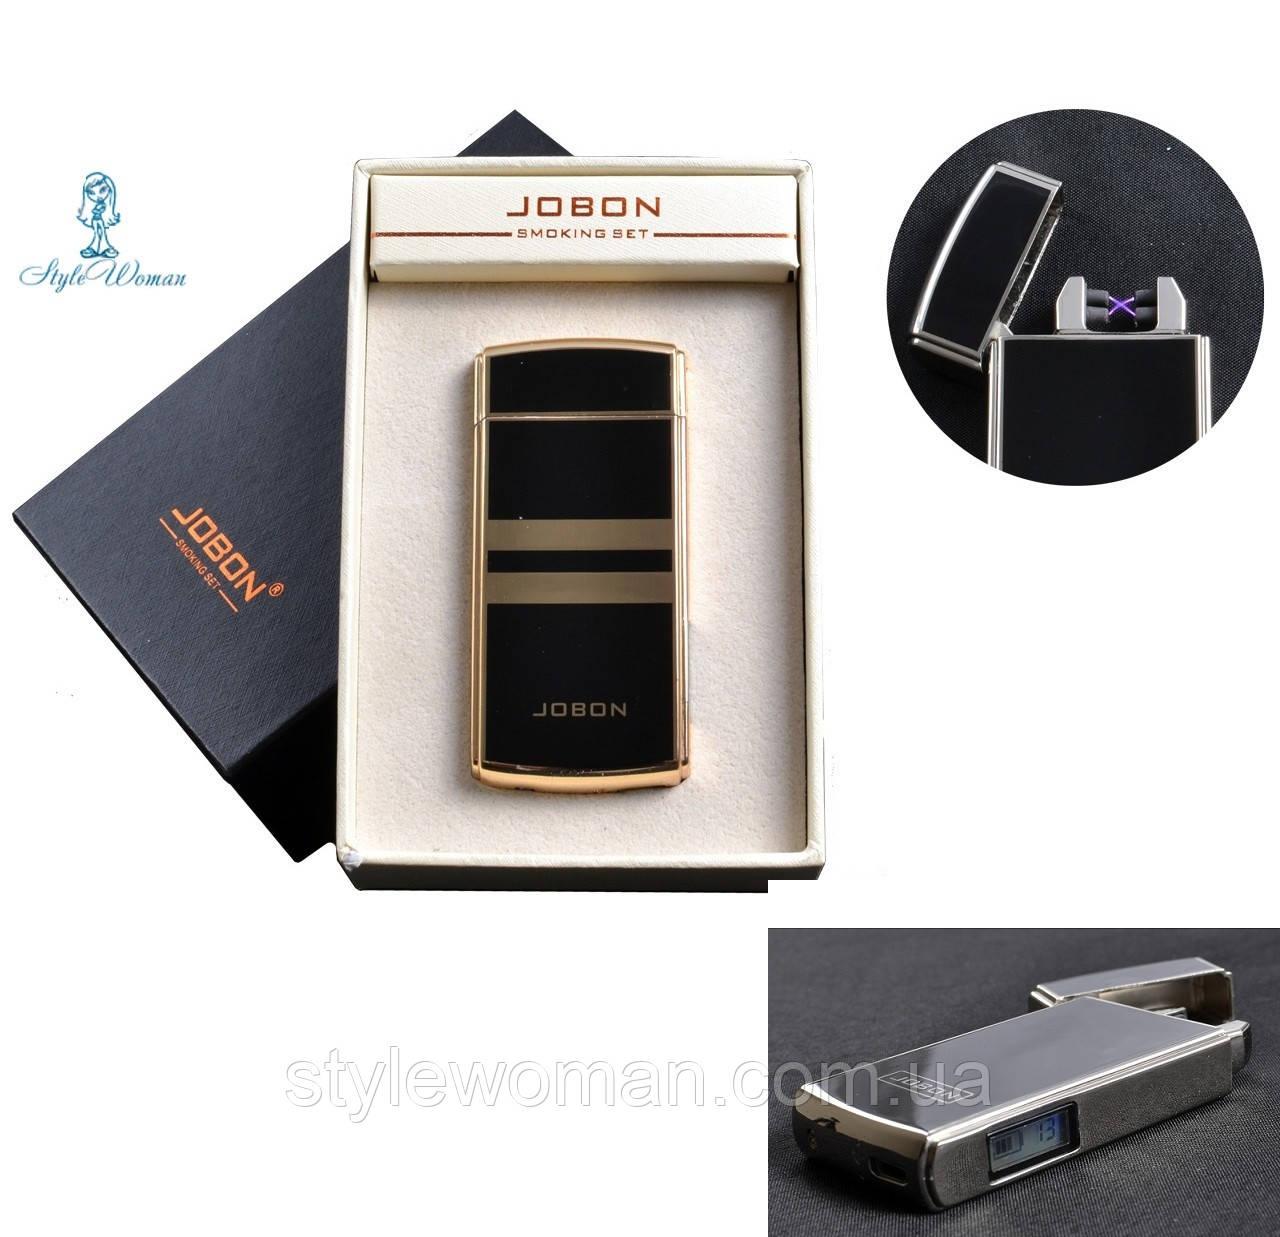 Электро-импульсная USB зажигалка с двумя перекрестными молниями и счетчиком использования №4780 Jobon